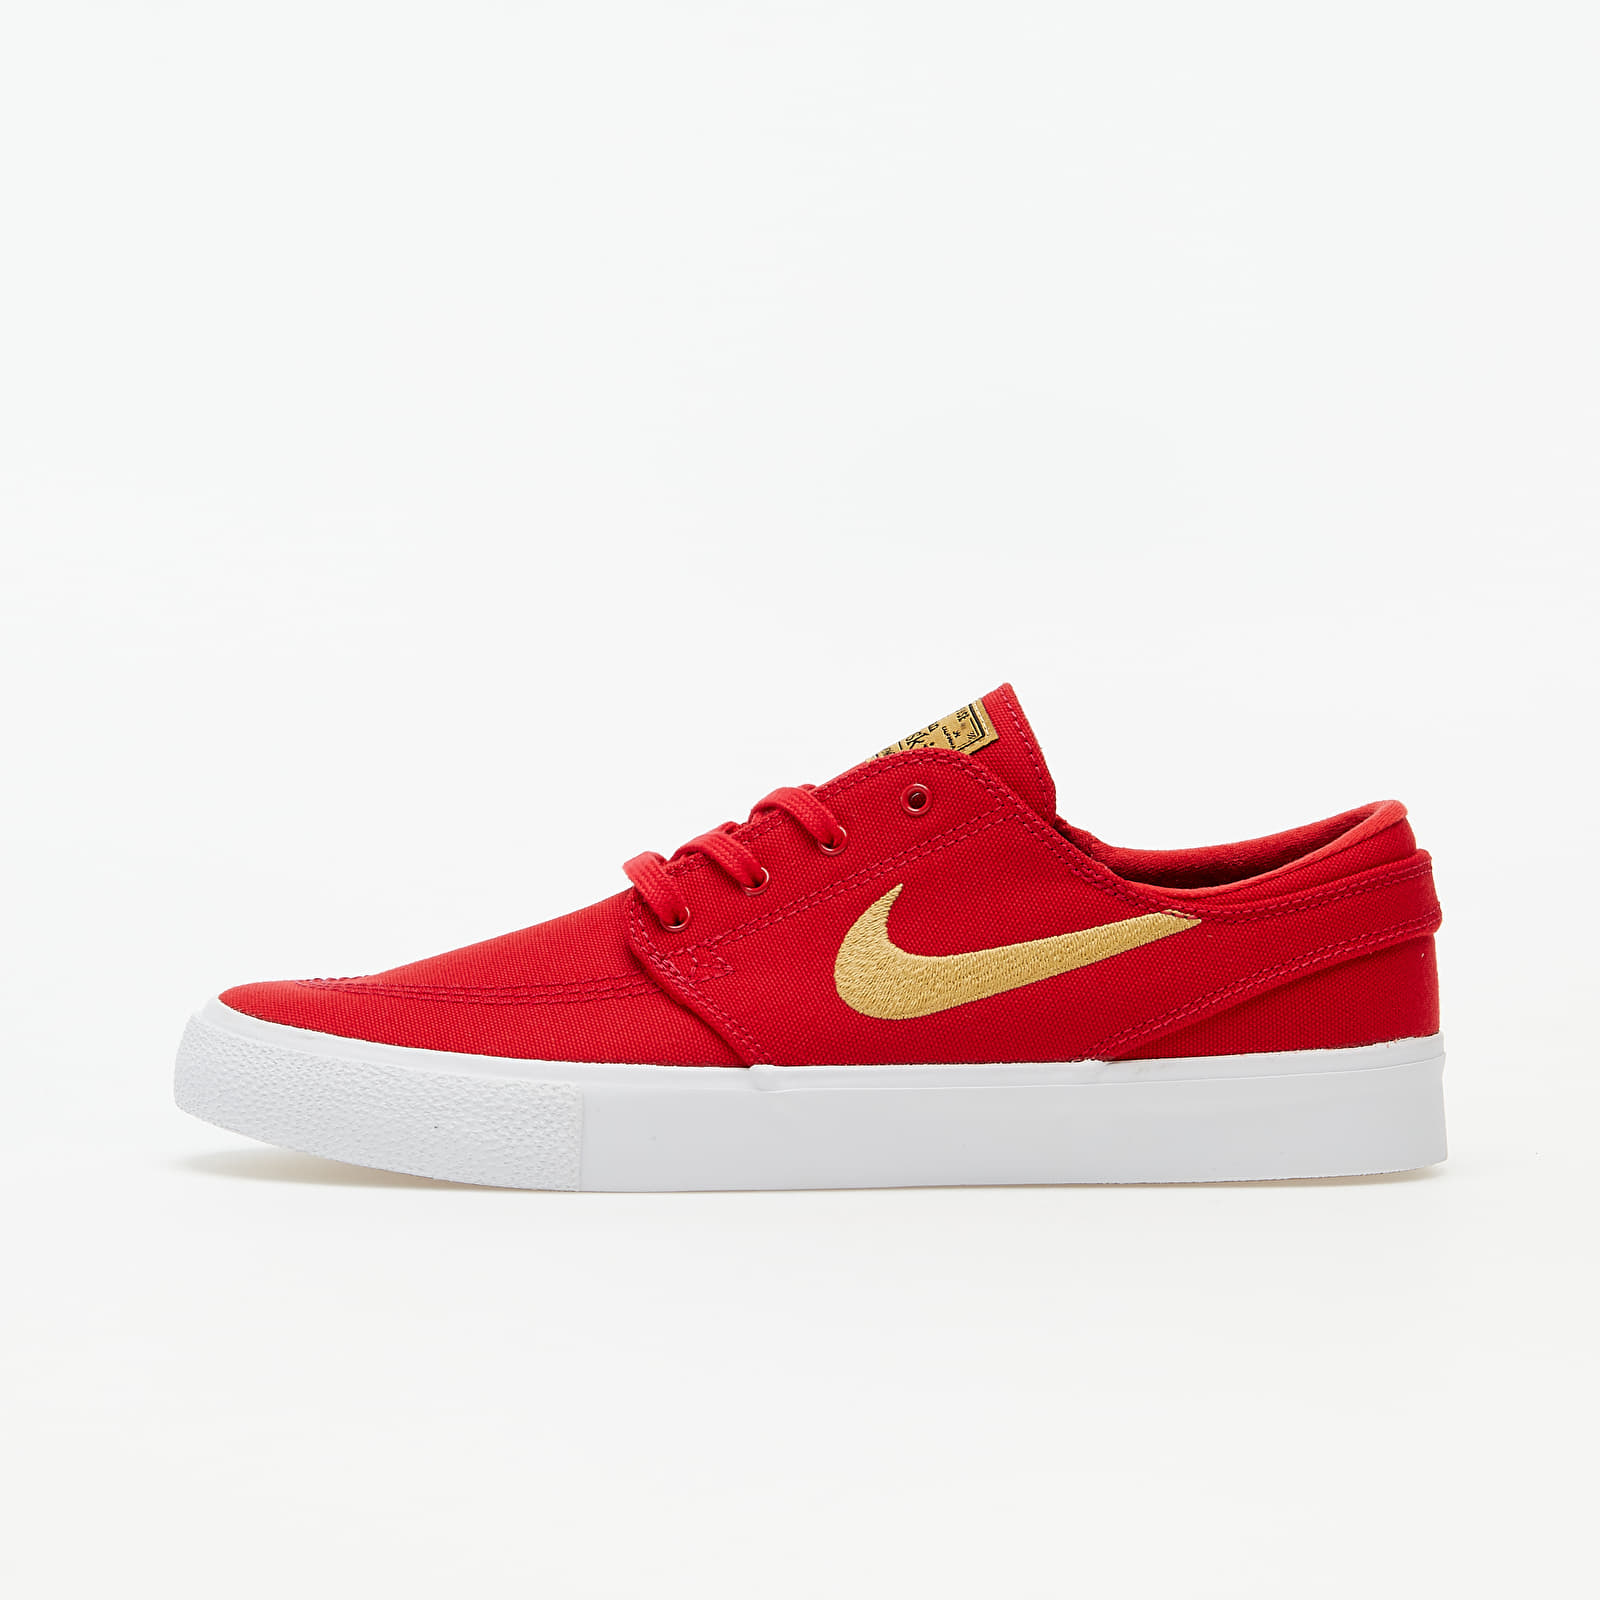 Pánske tenisky a topánky Nike SB Zoom Stefan Janoski Canvas RM University Red/ Club Gold-University Red